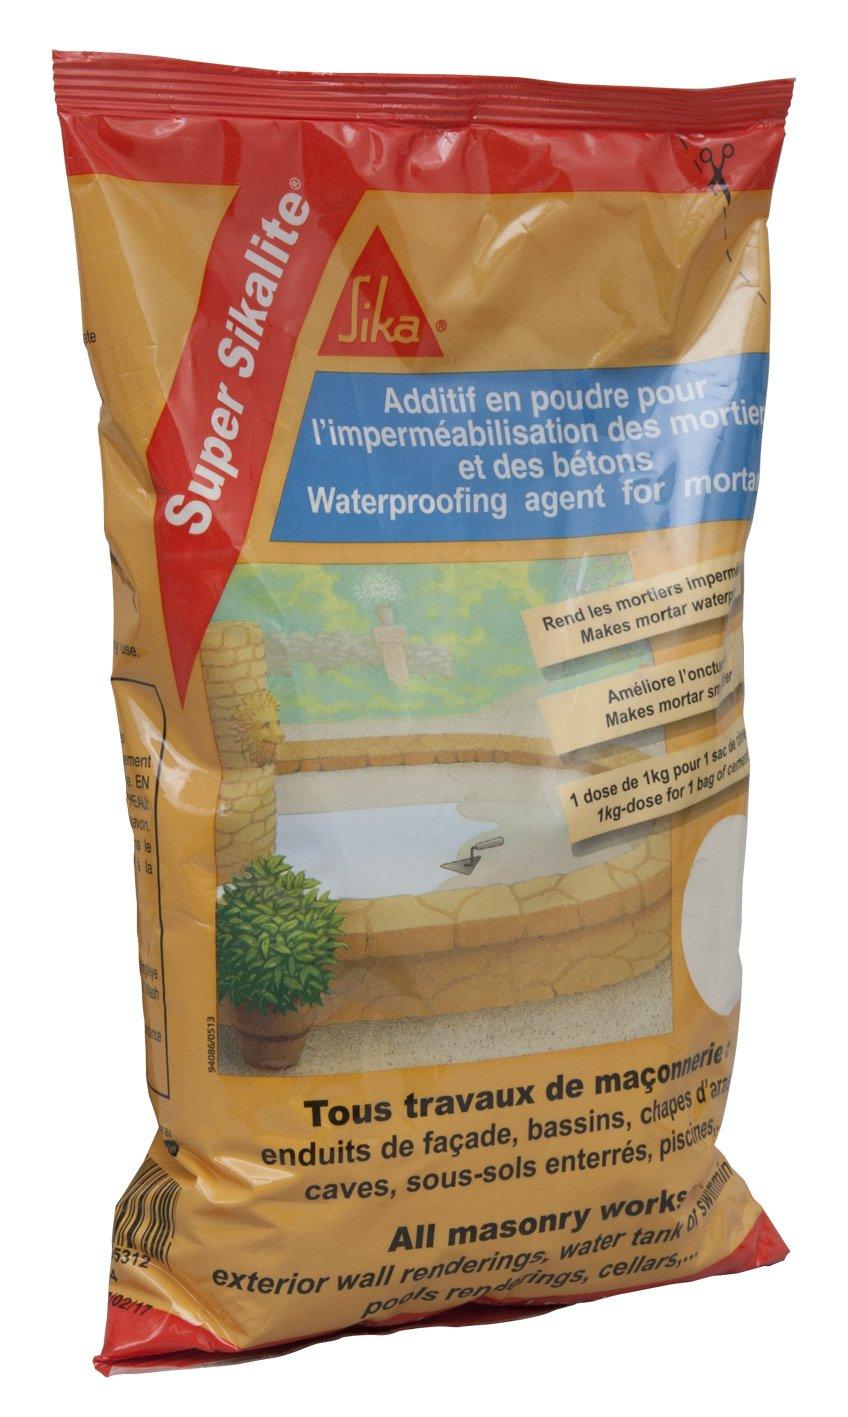 Blanc 1kg Additif en poudre pour imperm/éabiliser les mortiers et b/étons Super Sikalite